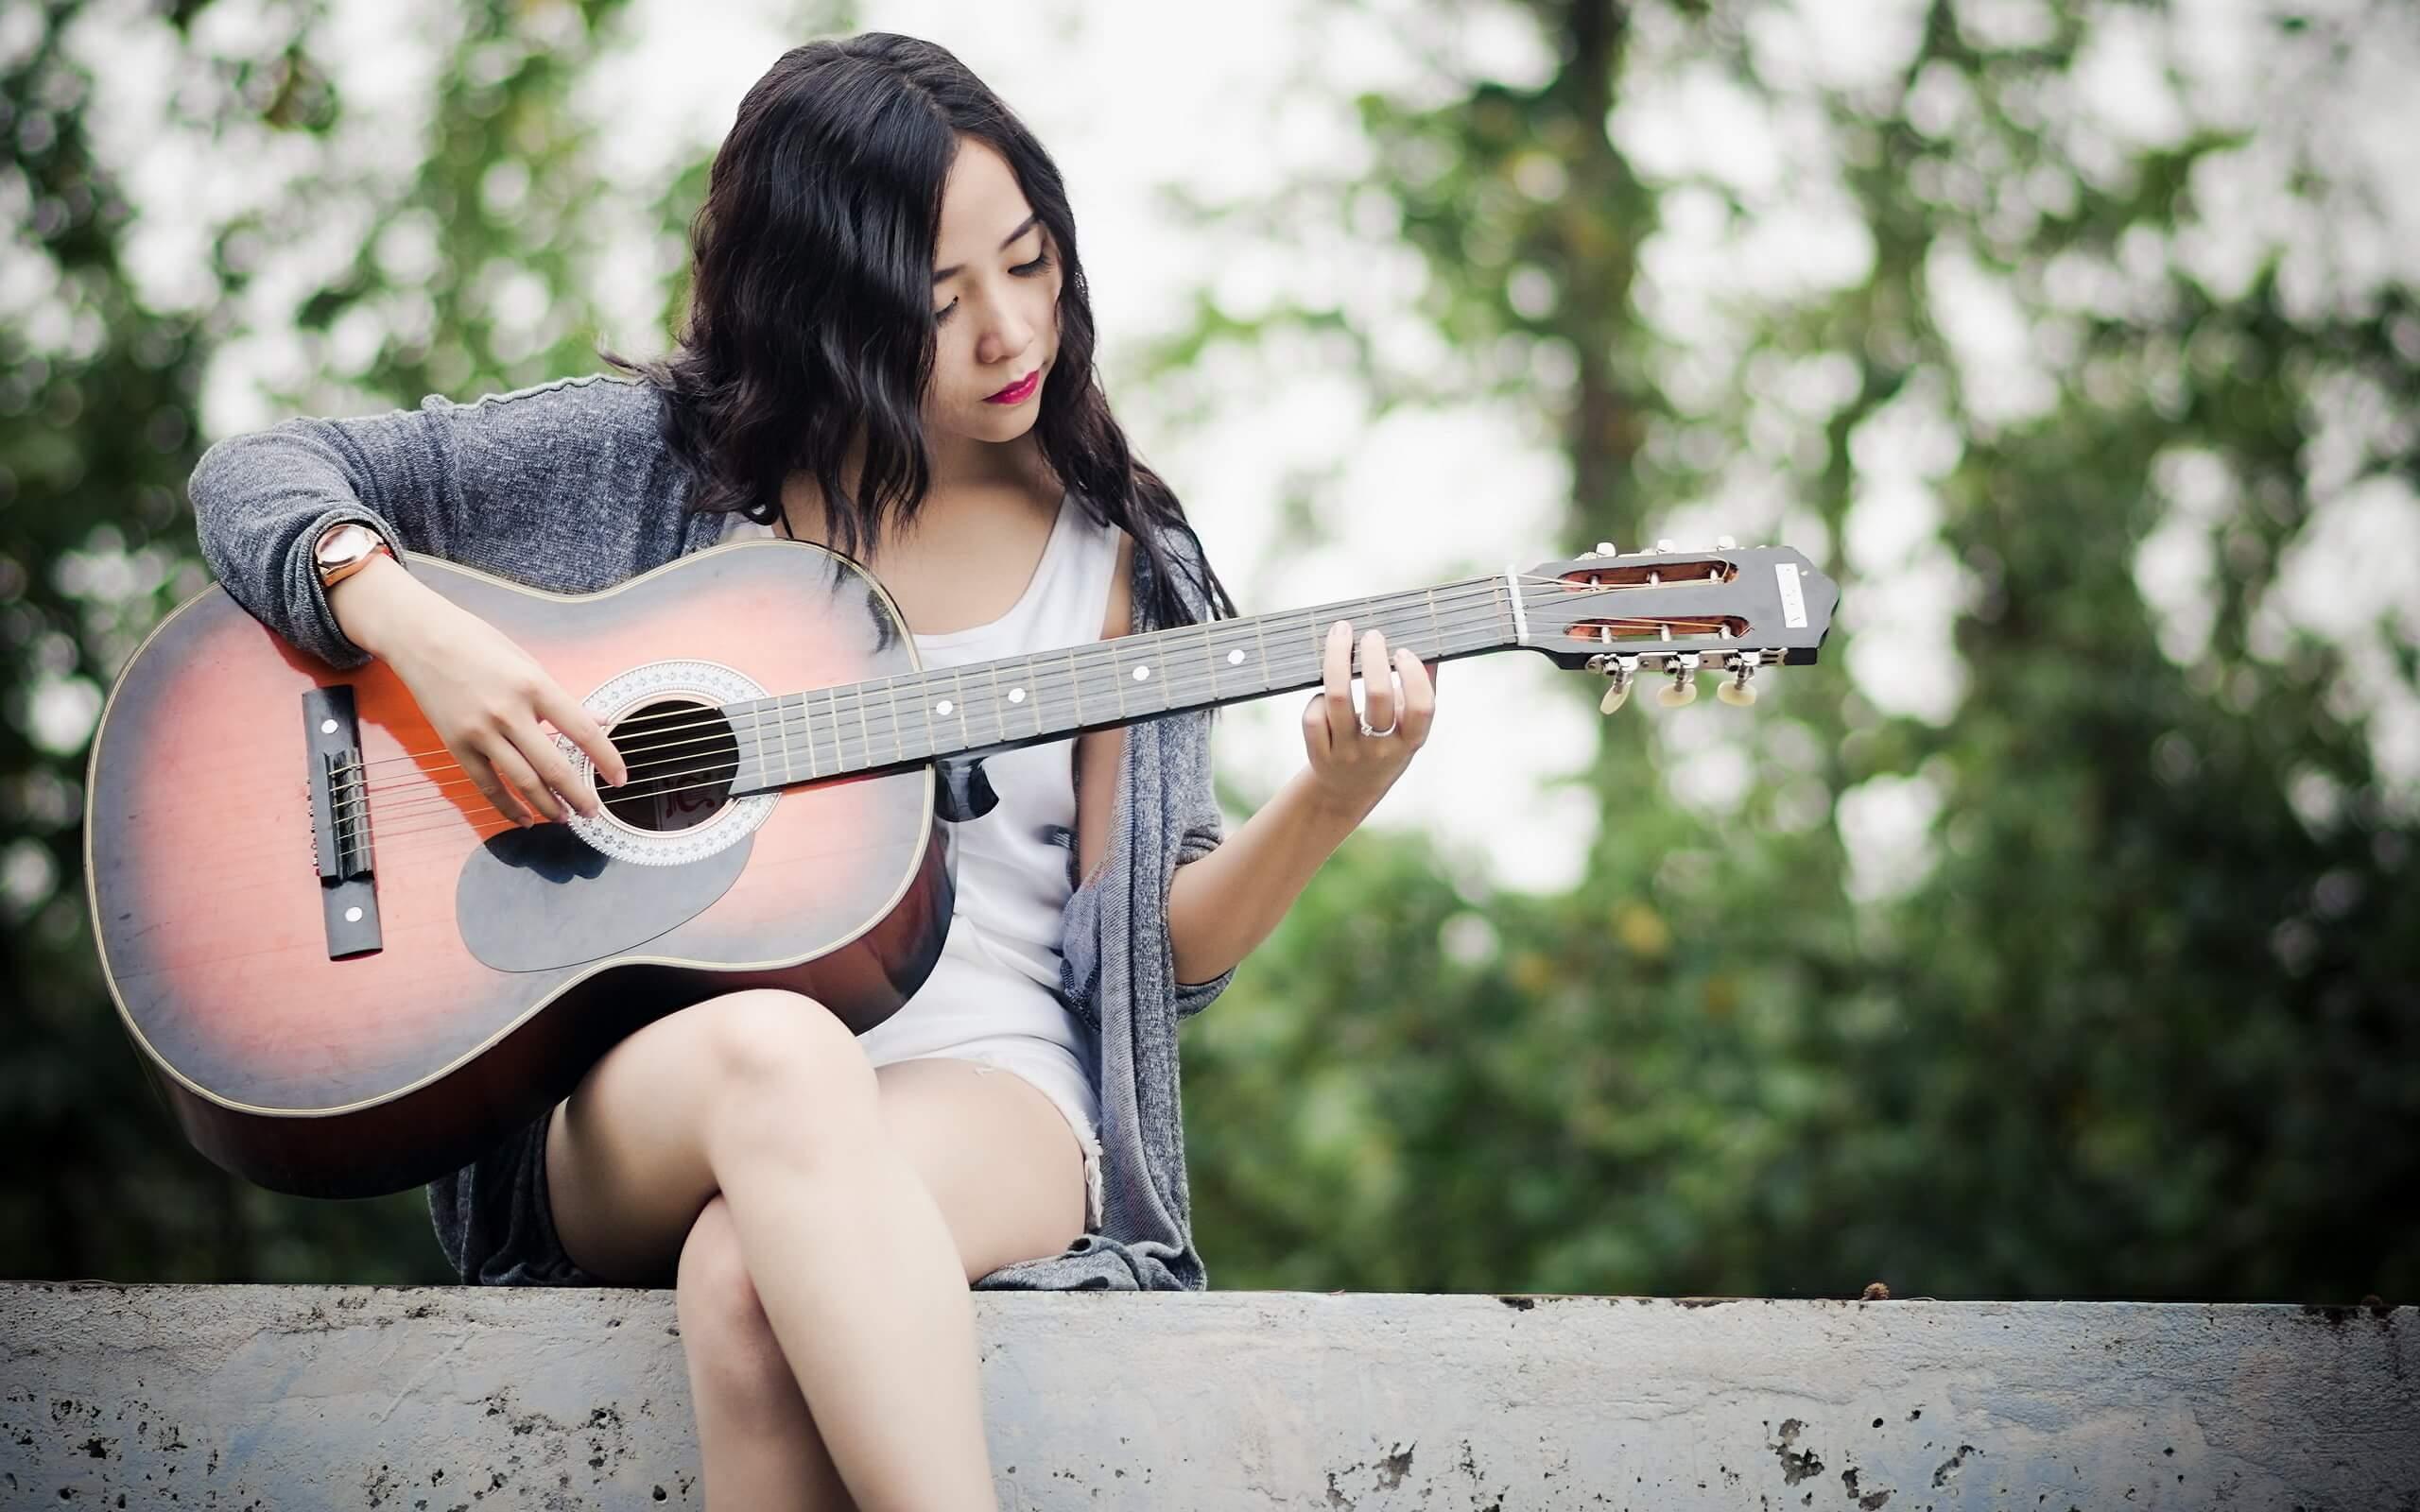 Прикольные картинки девушка и музыка, лучшие обои, фото (26 штук) 21